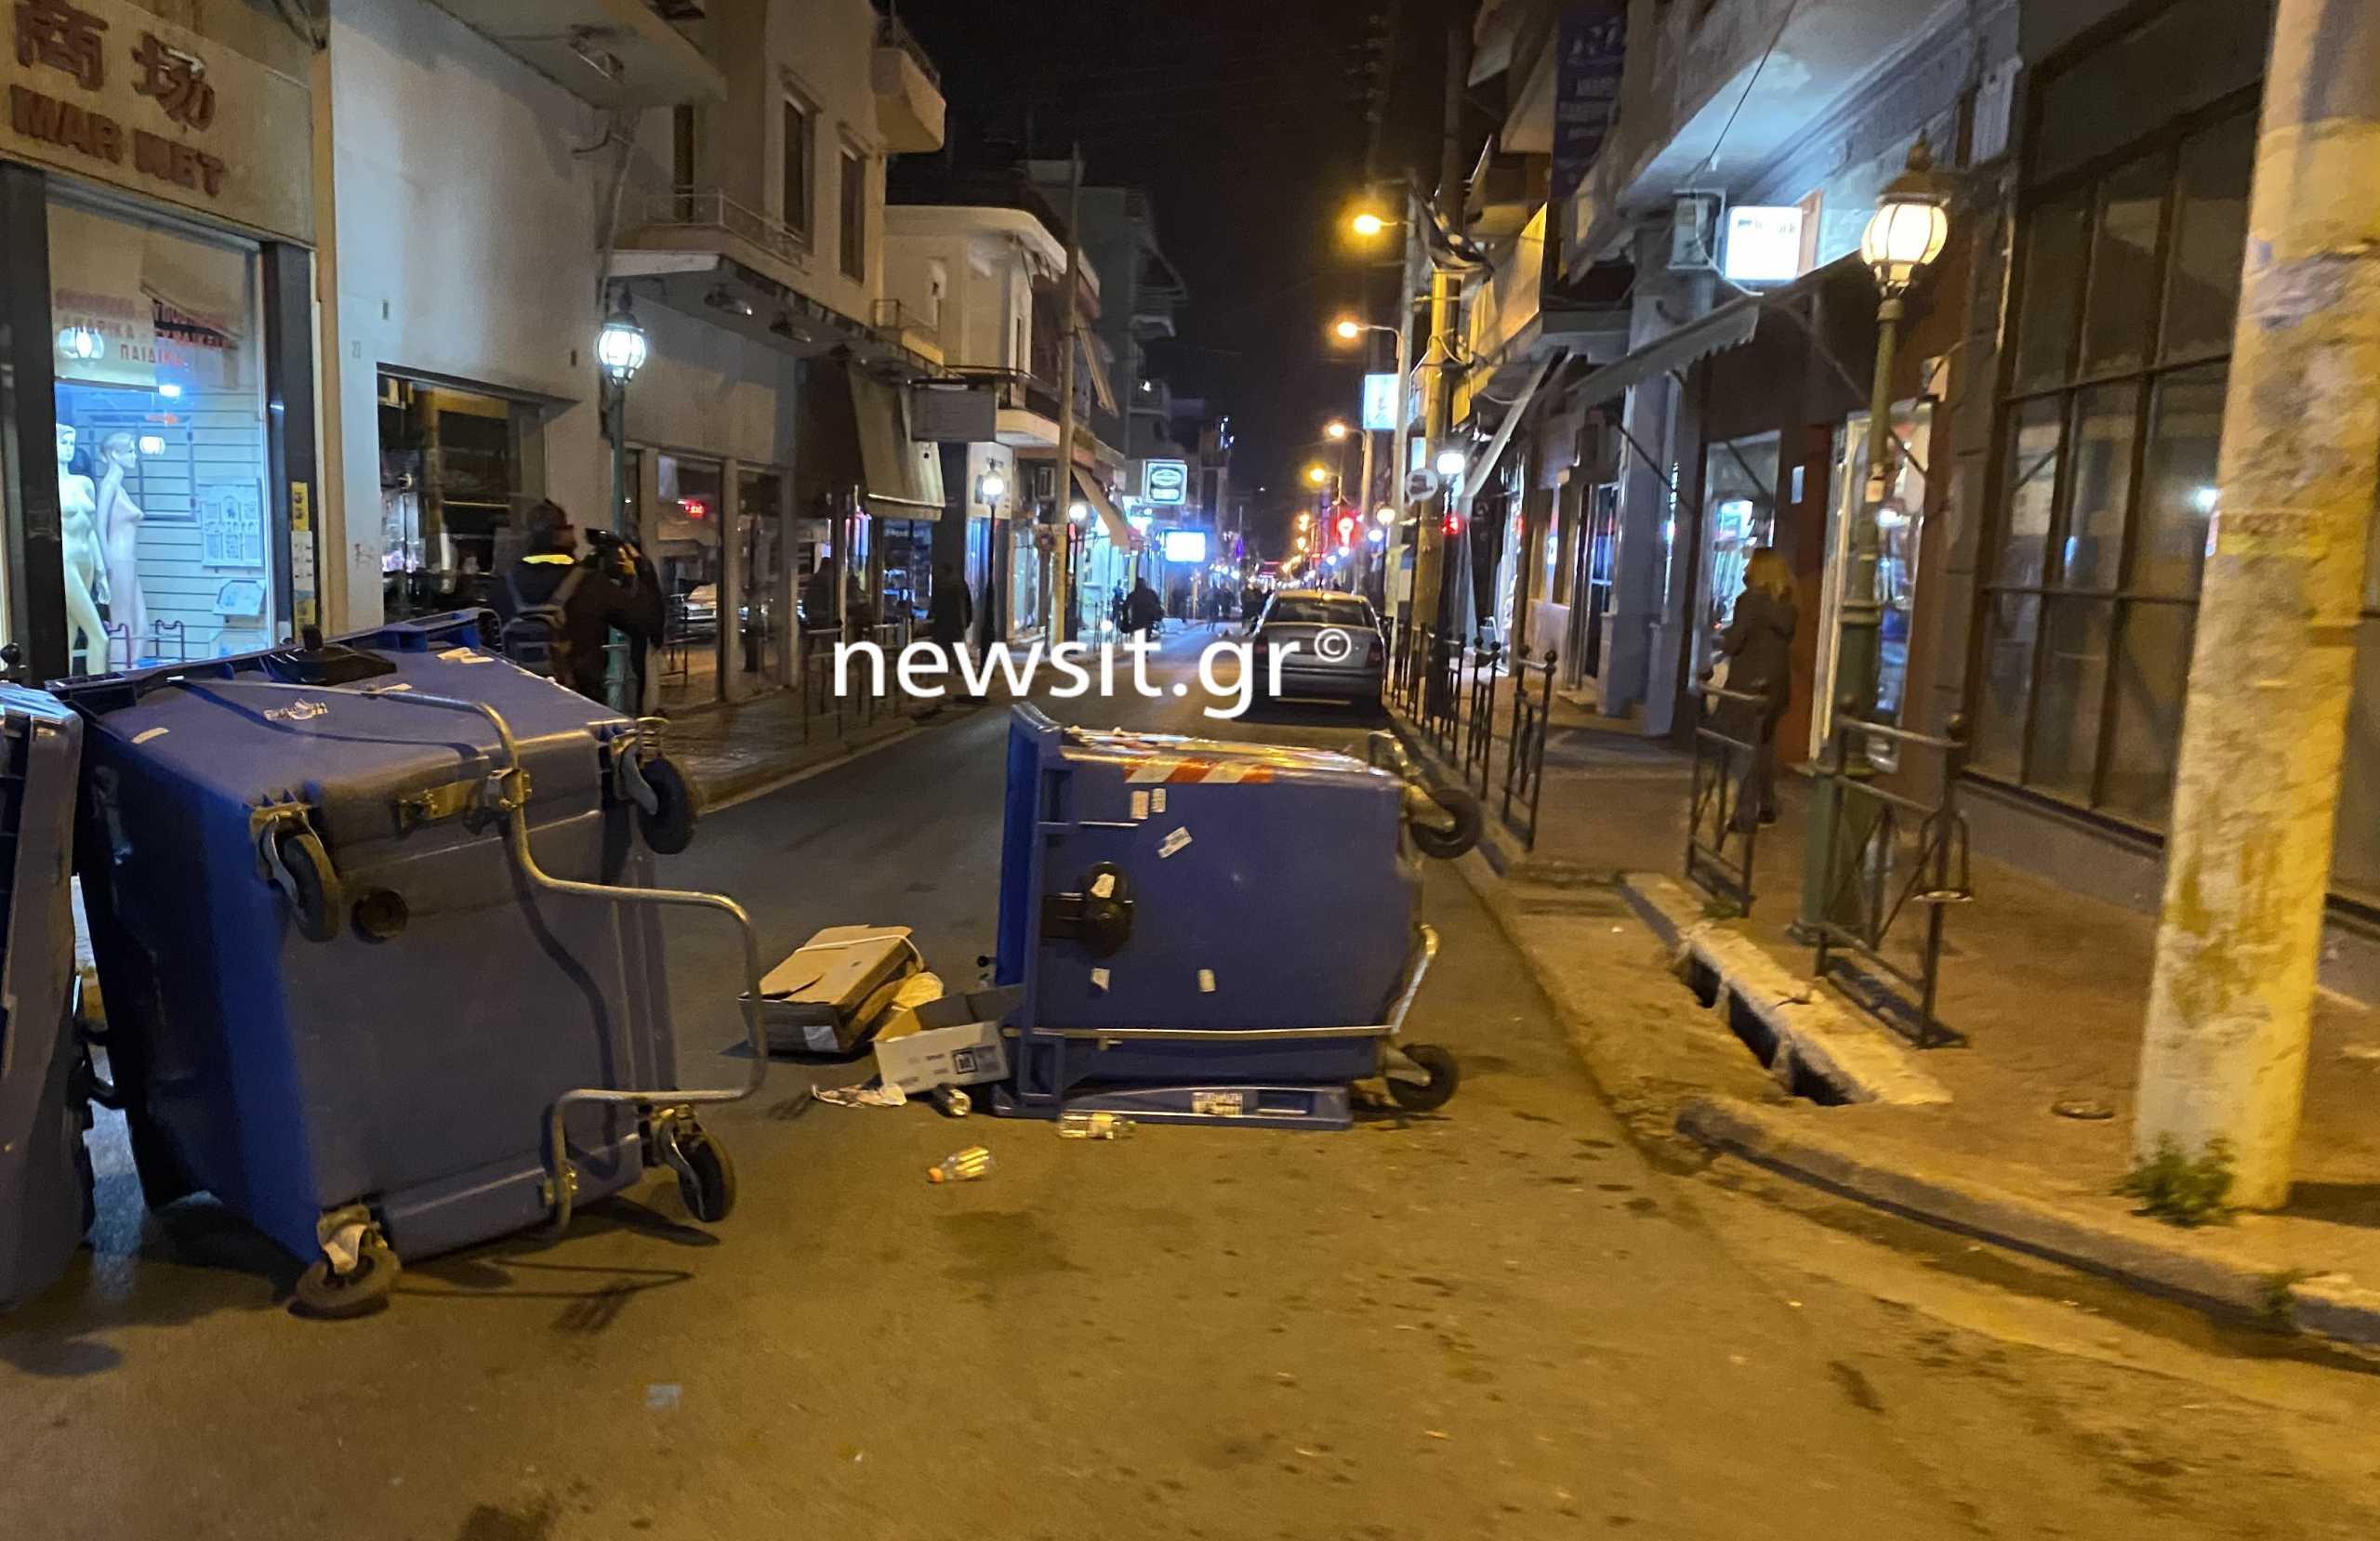 Επεισόδια στη Νίκαια σε συγκέντρωση κατά της αστυνομικής βίας